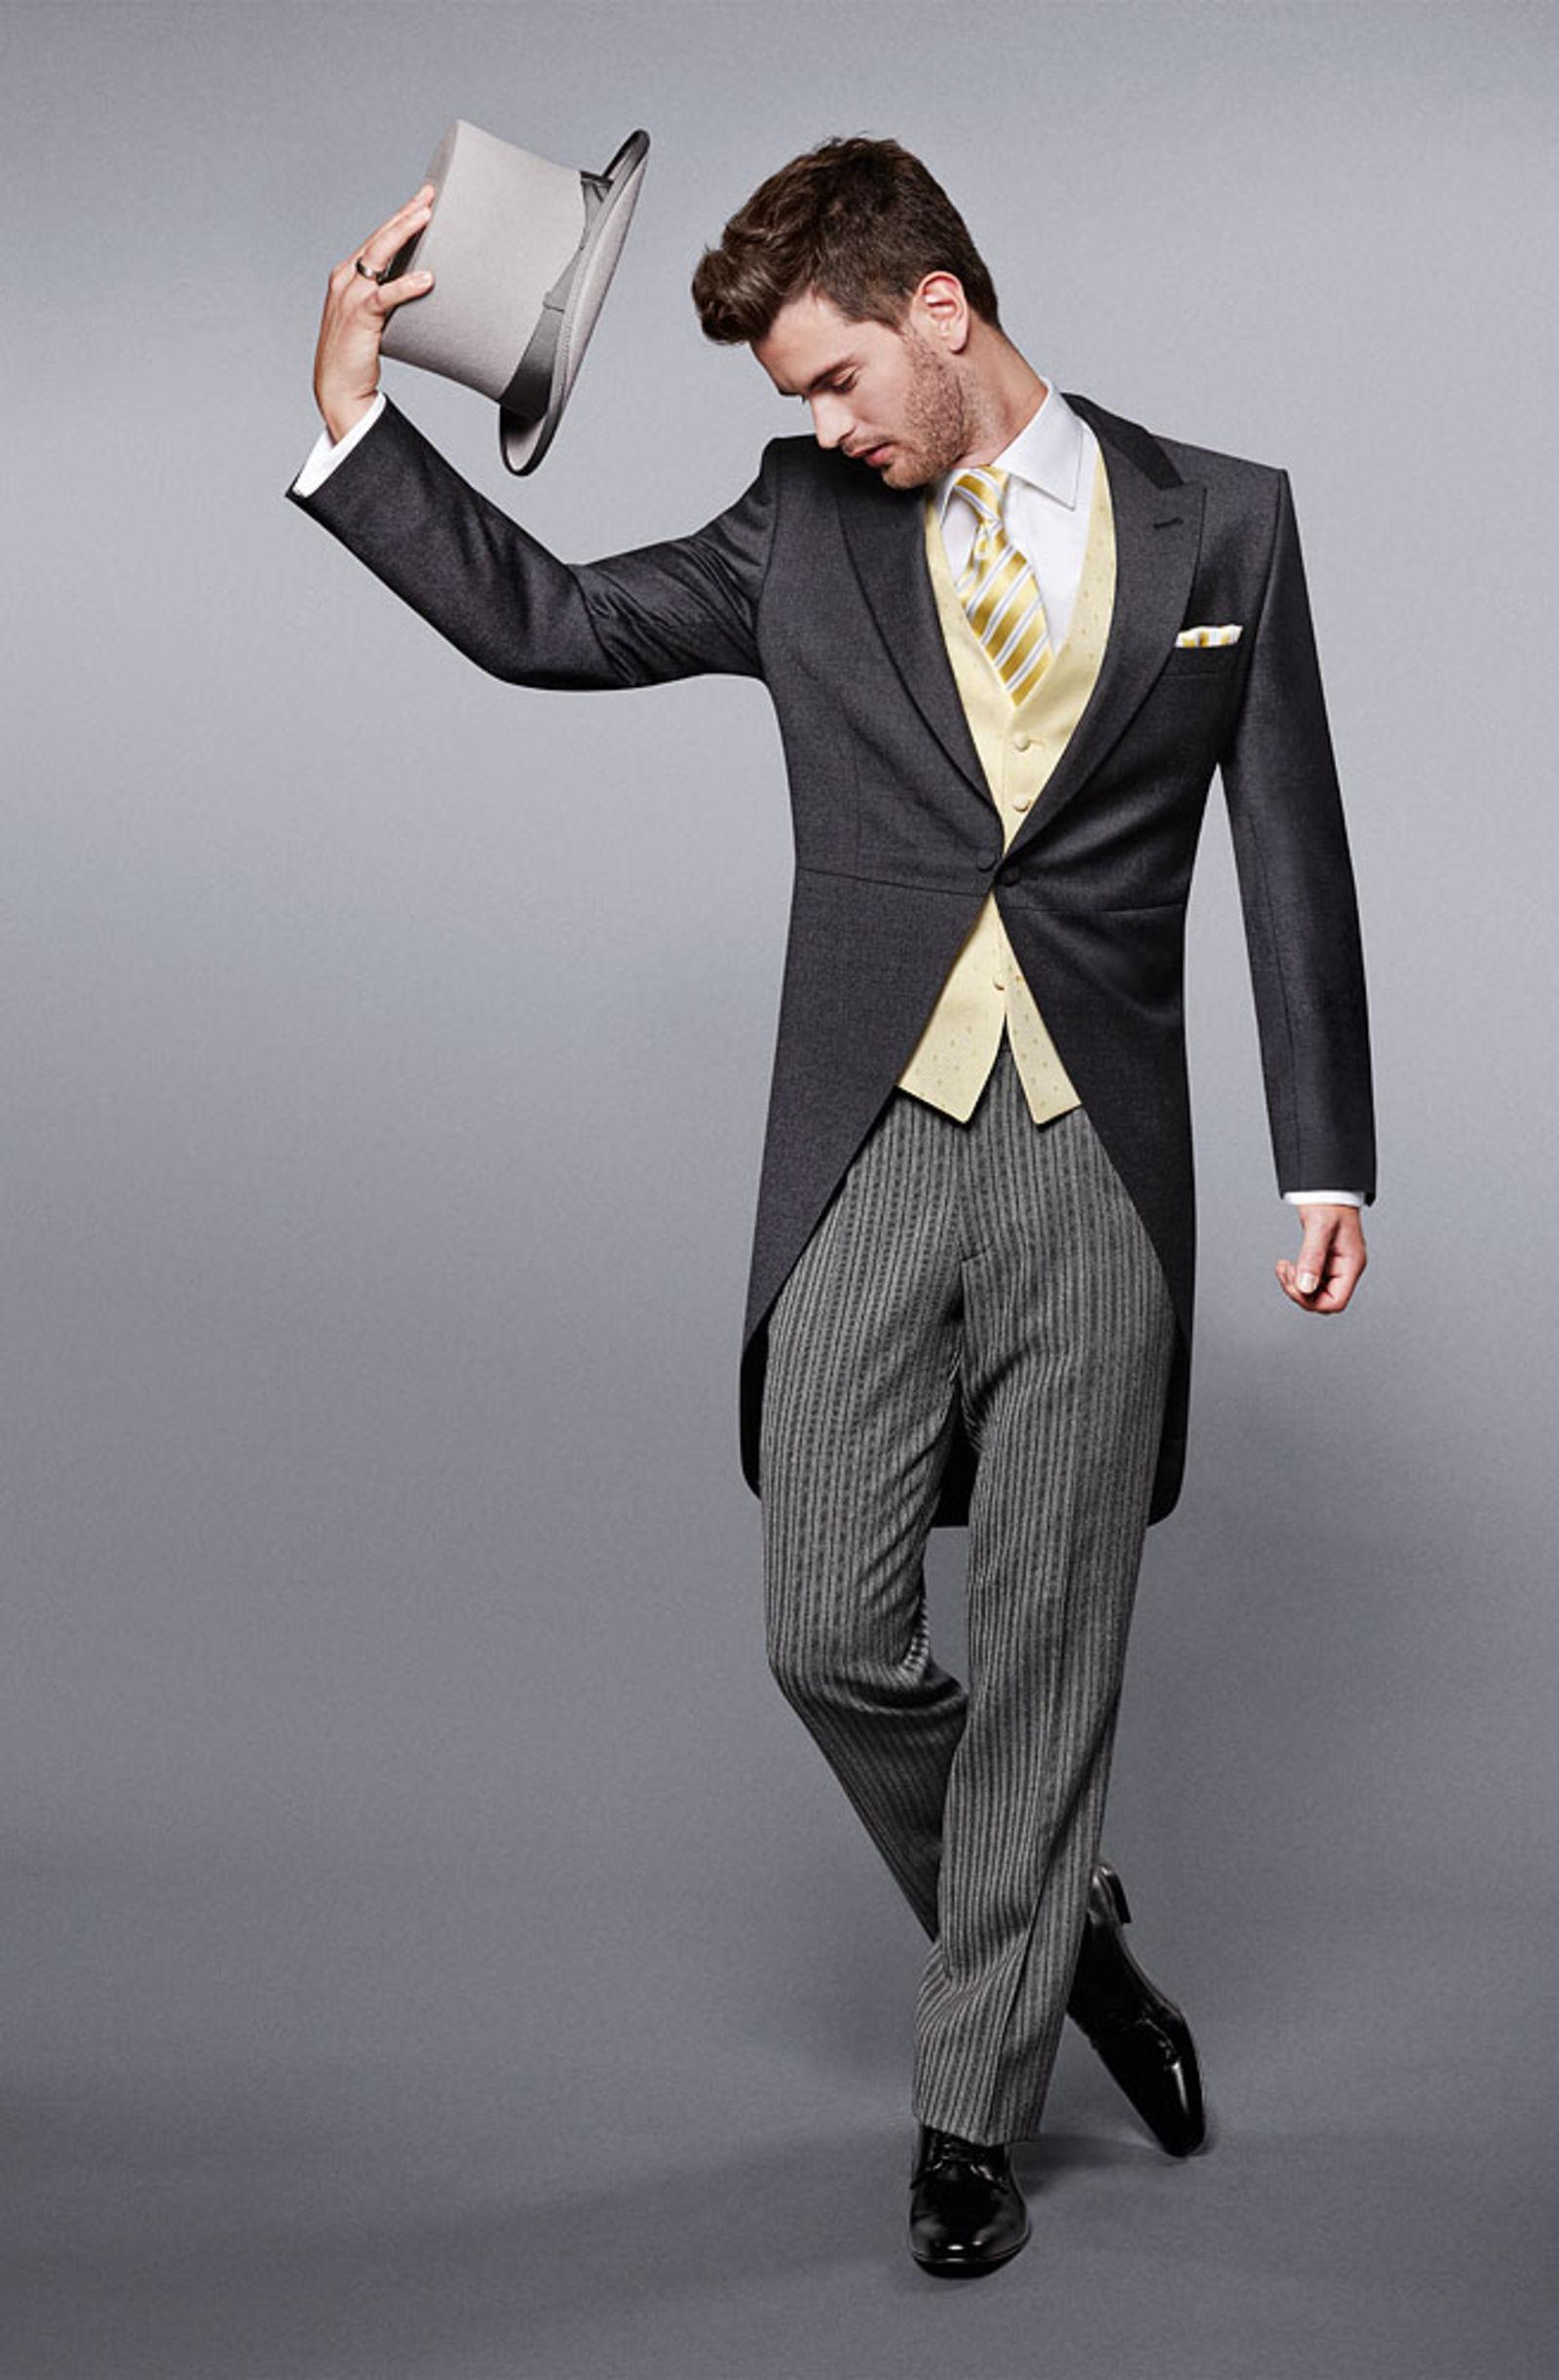 GRANDITS men's fashion in Wien (Bild 4)